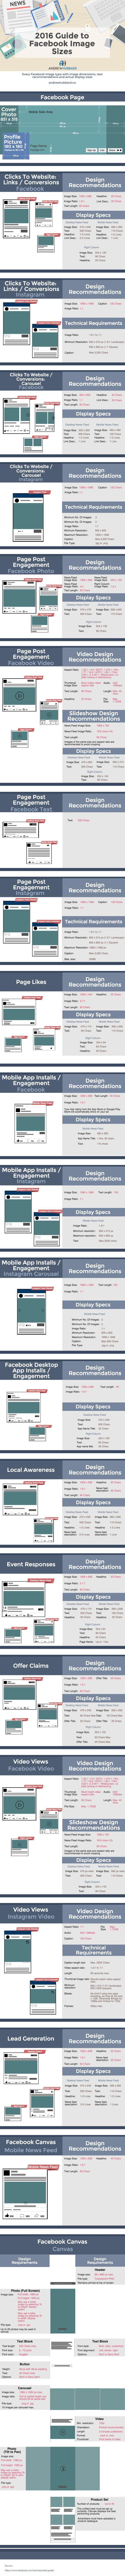 ¿Qué tamaño deben tener las imágenes en Facebook?  #infografía con medias actualizadas en 2016